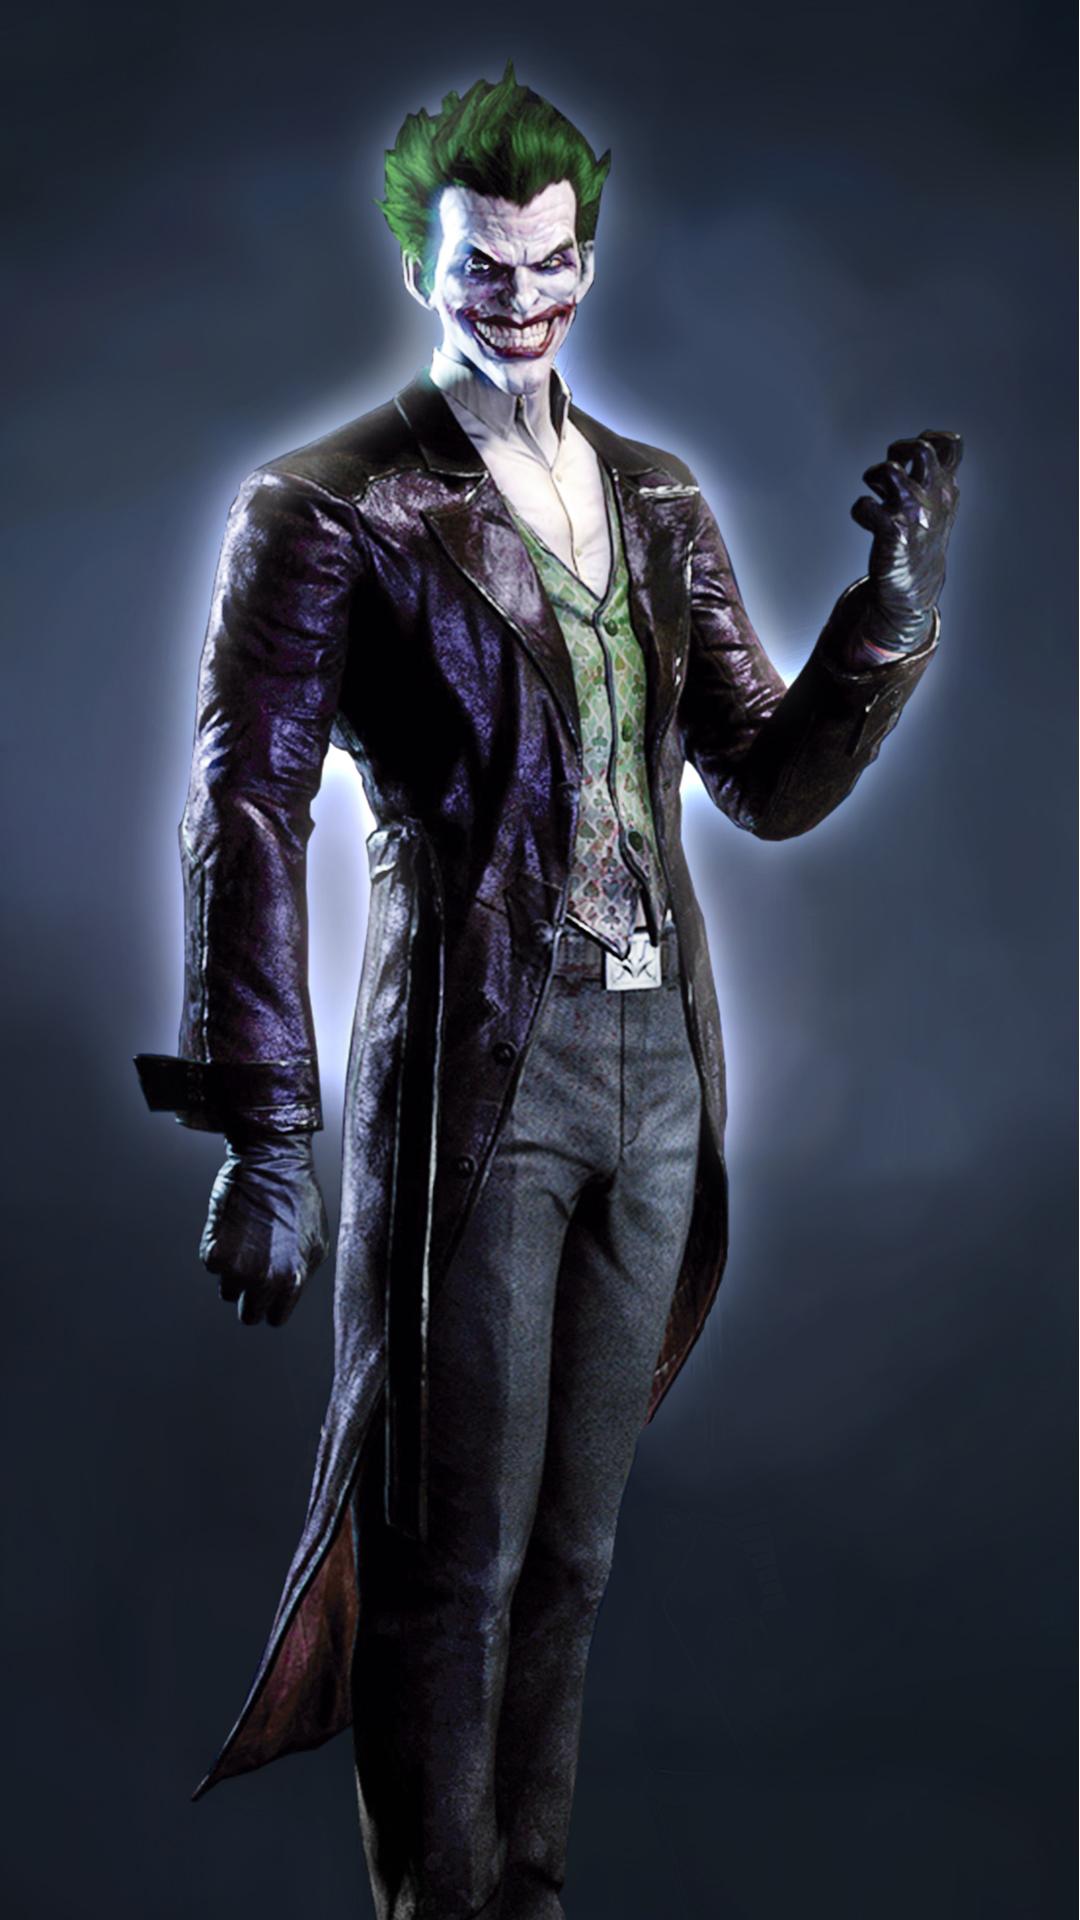 Tears of Blood Joker_arkham_origins_v2_by_jpgraphic-d8vnw3v